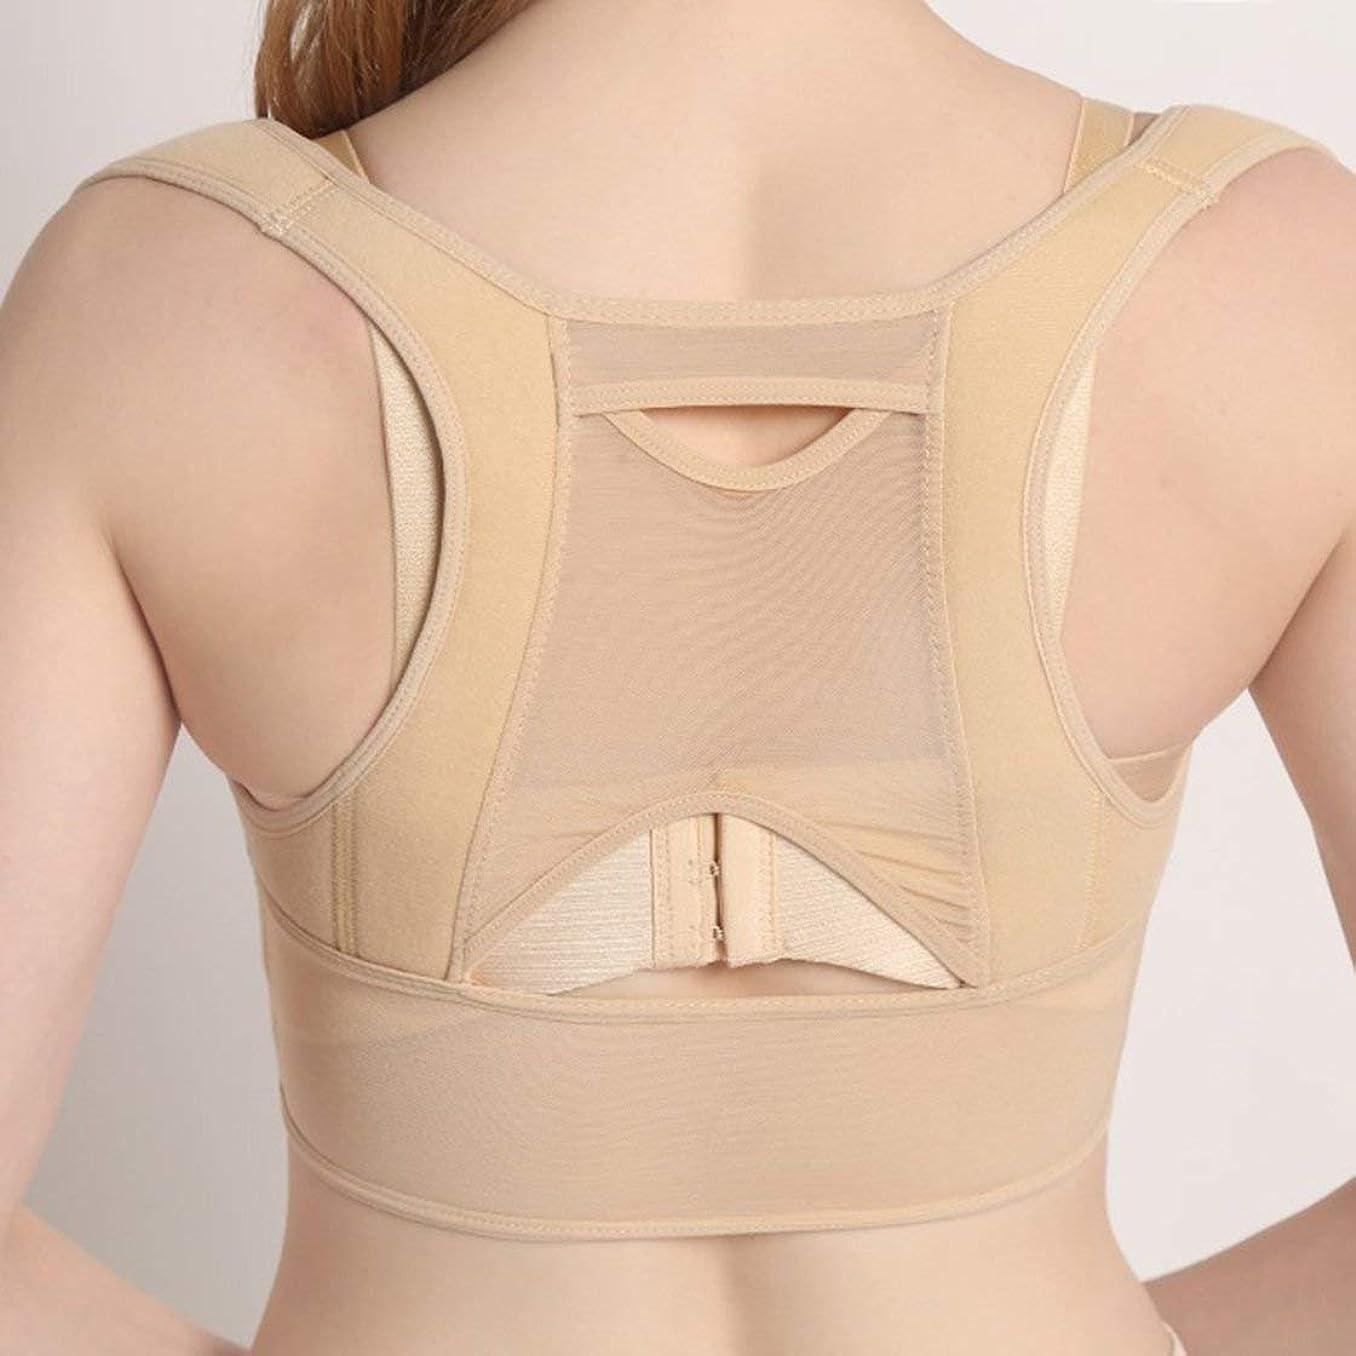 サポートベリー疾患通気性のある女性の背中の姿勢矯正コルセット整形外科の肩の背骨の背骨の姿勢矯正腰椎サポート (Rustle666)